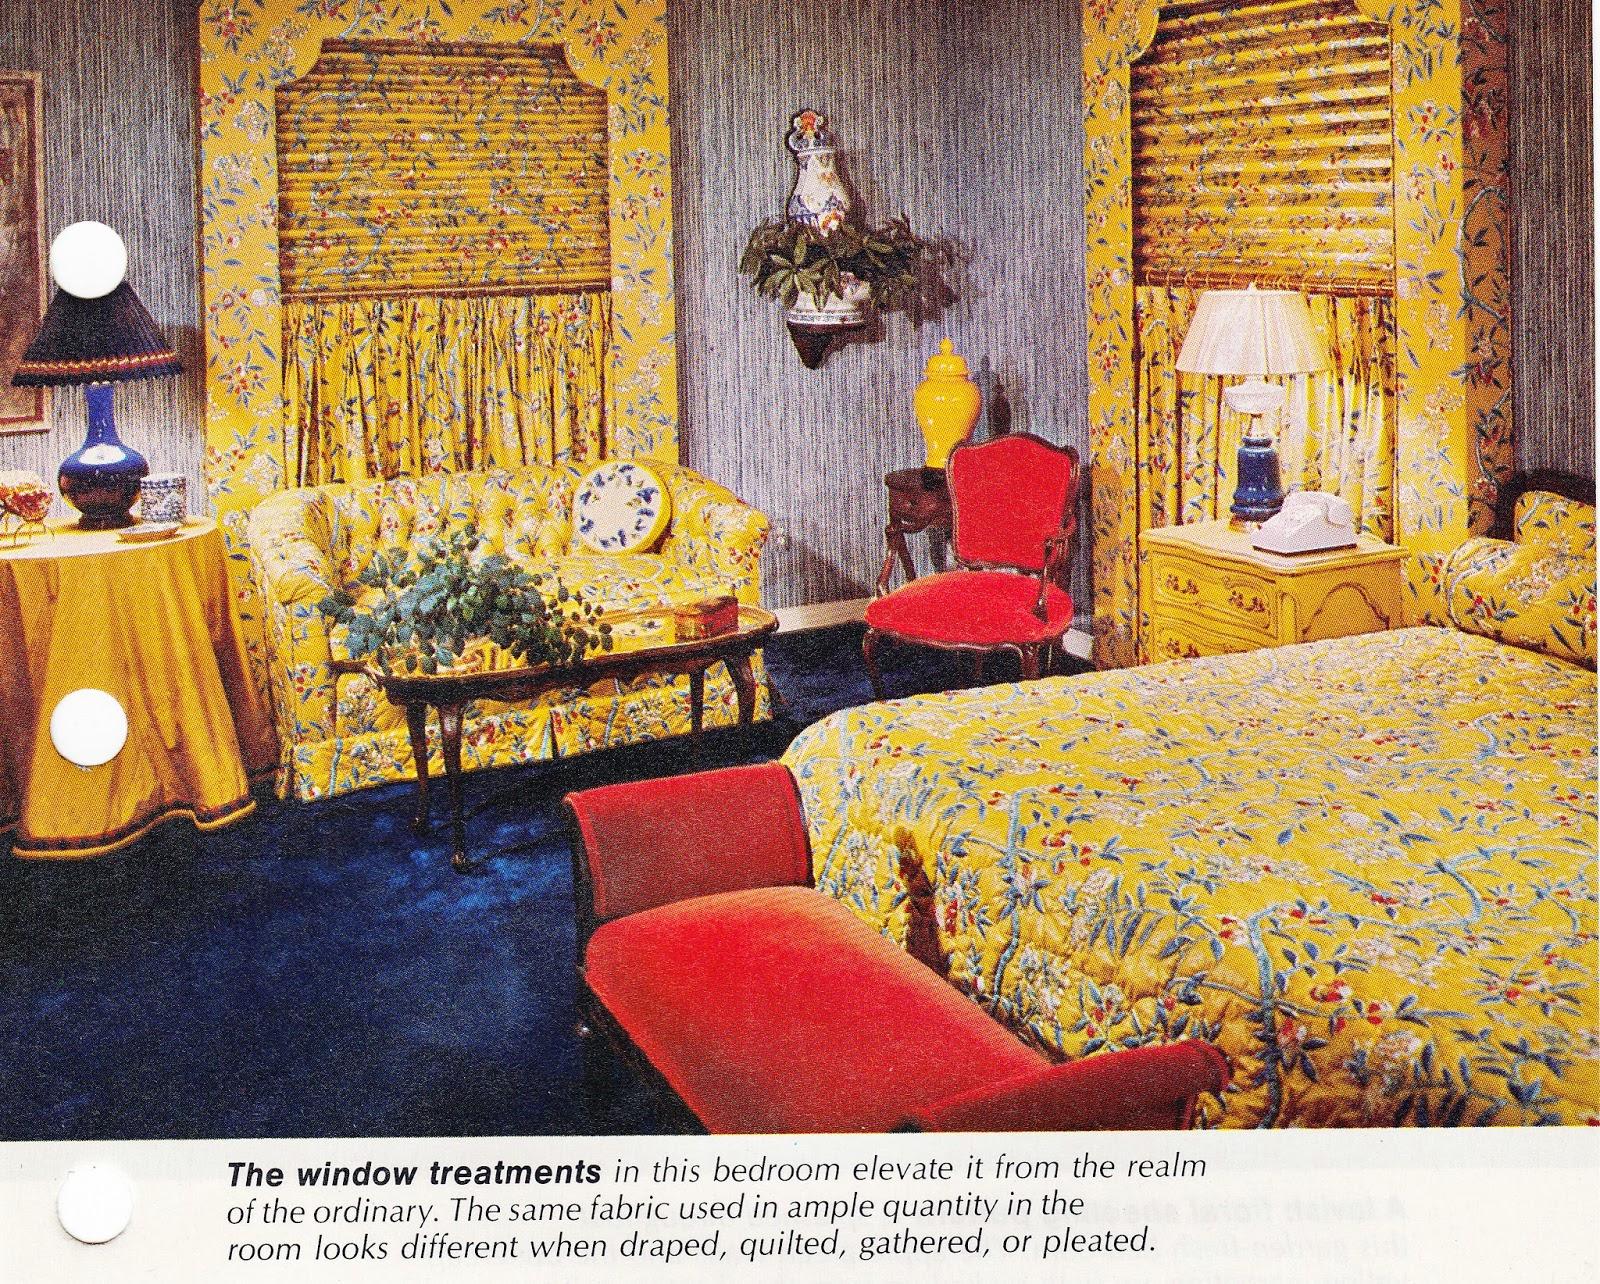 περιπλάνηση: 1975 Better Homes and Gardens Decorating Book